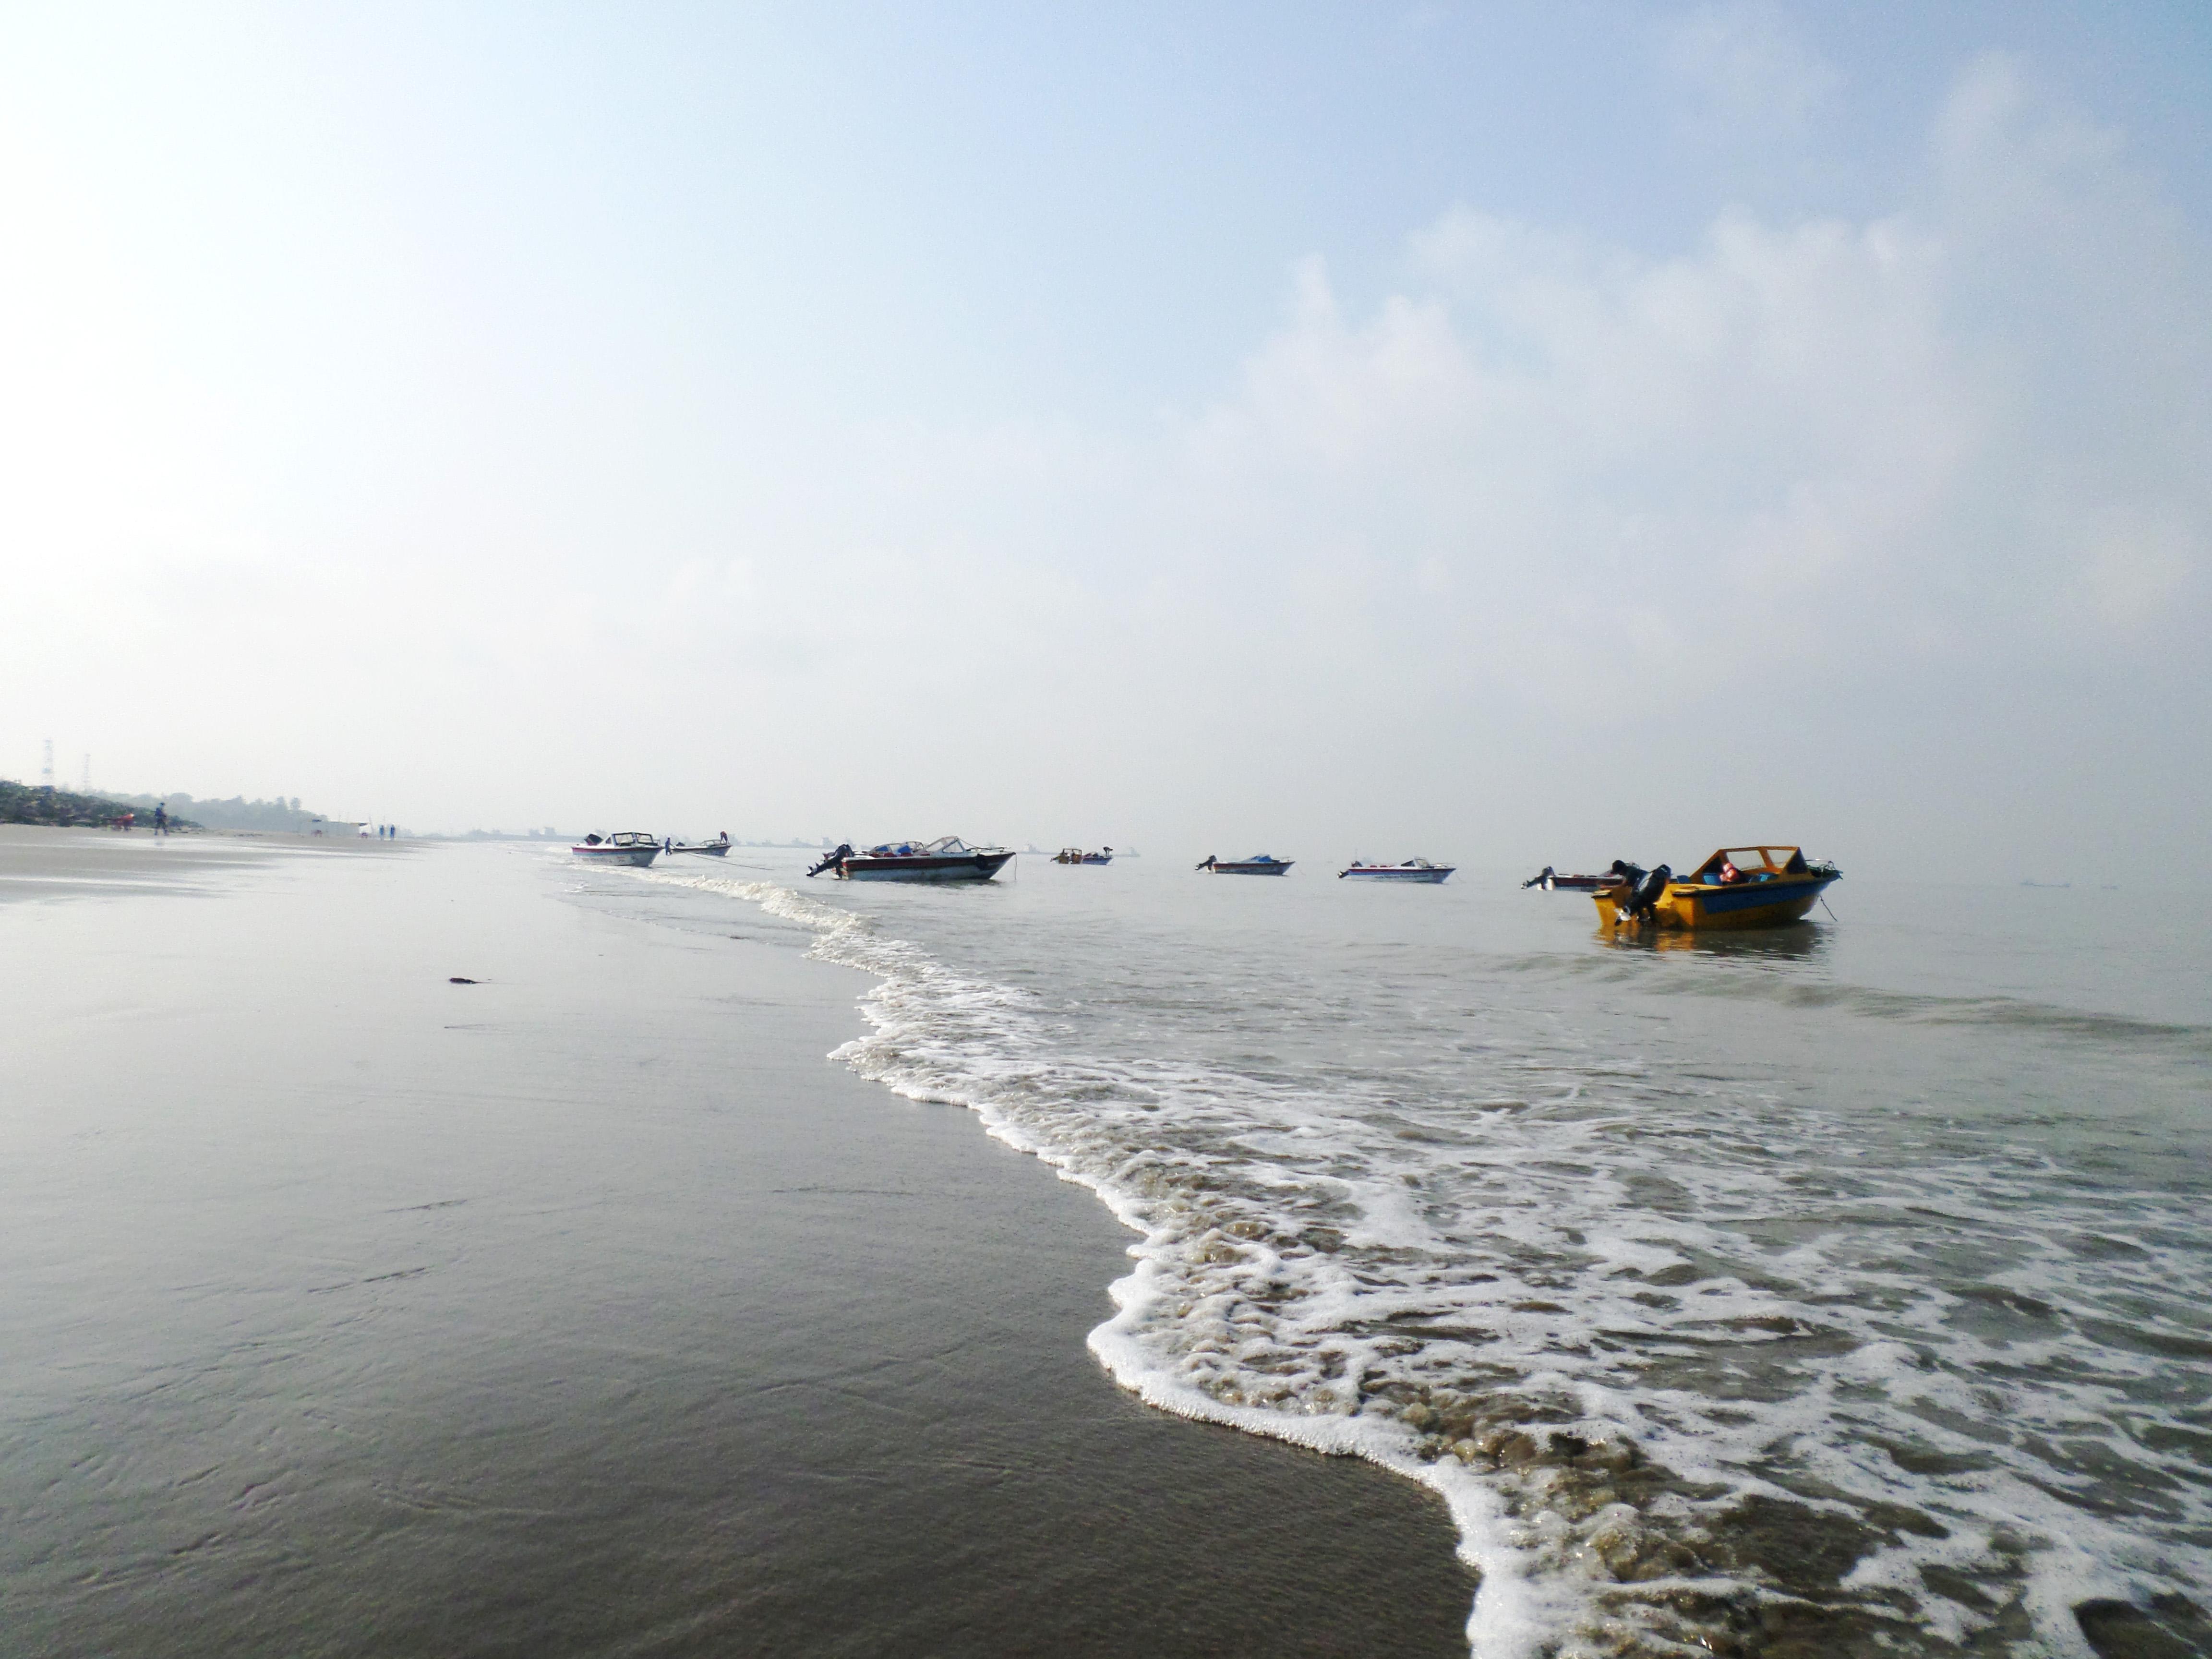 Loadshedding Wikipedia: File:Patenga Sea Beach, Chittagong 08.jpg